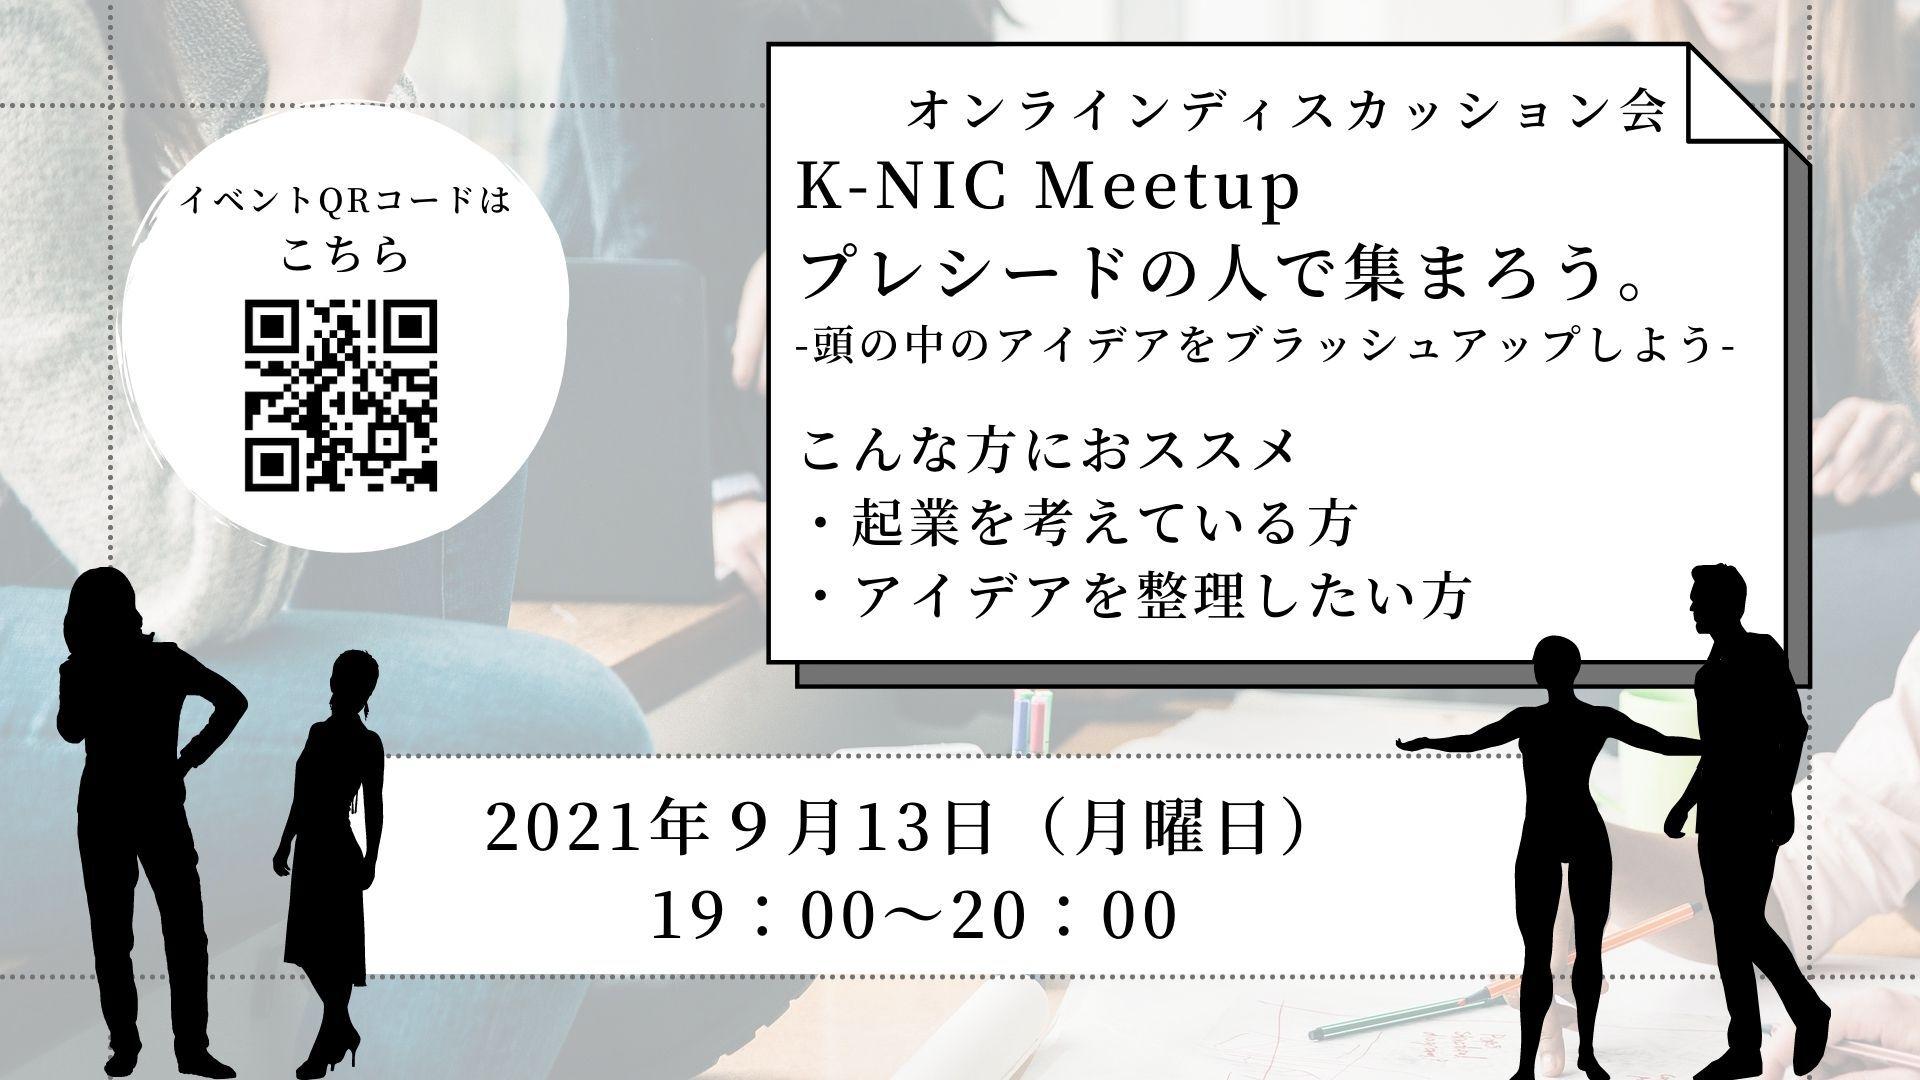 【9/13 開催】K-NIC Meetup プレシードの人たちで集まろう。